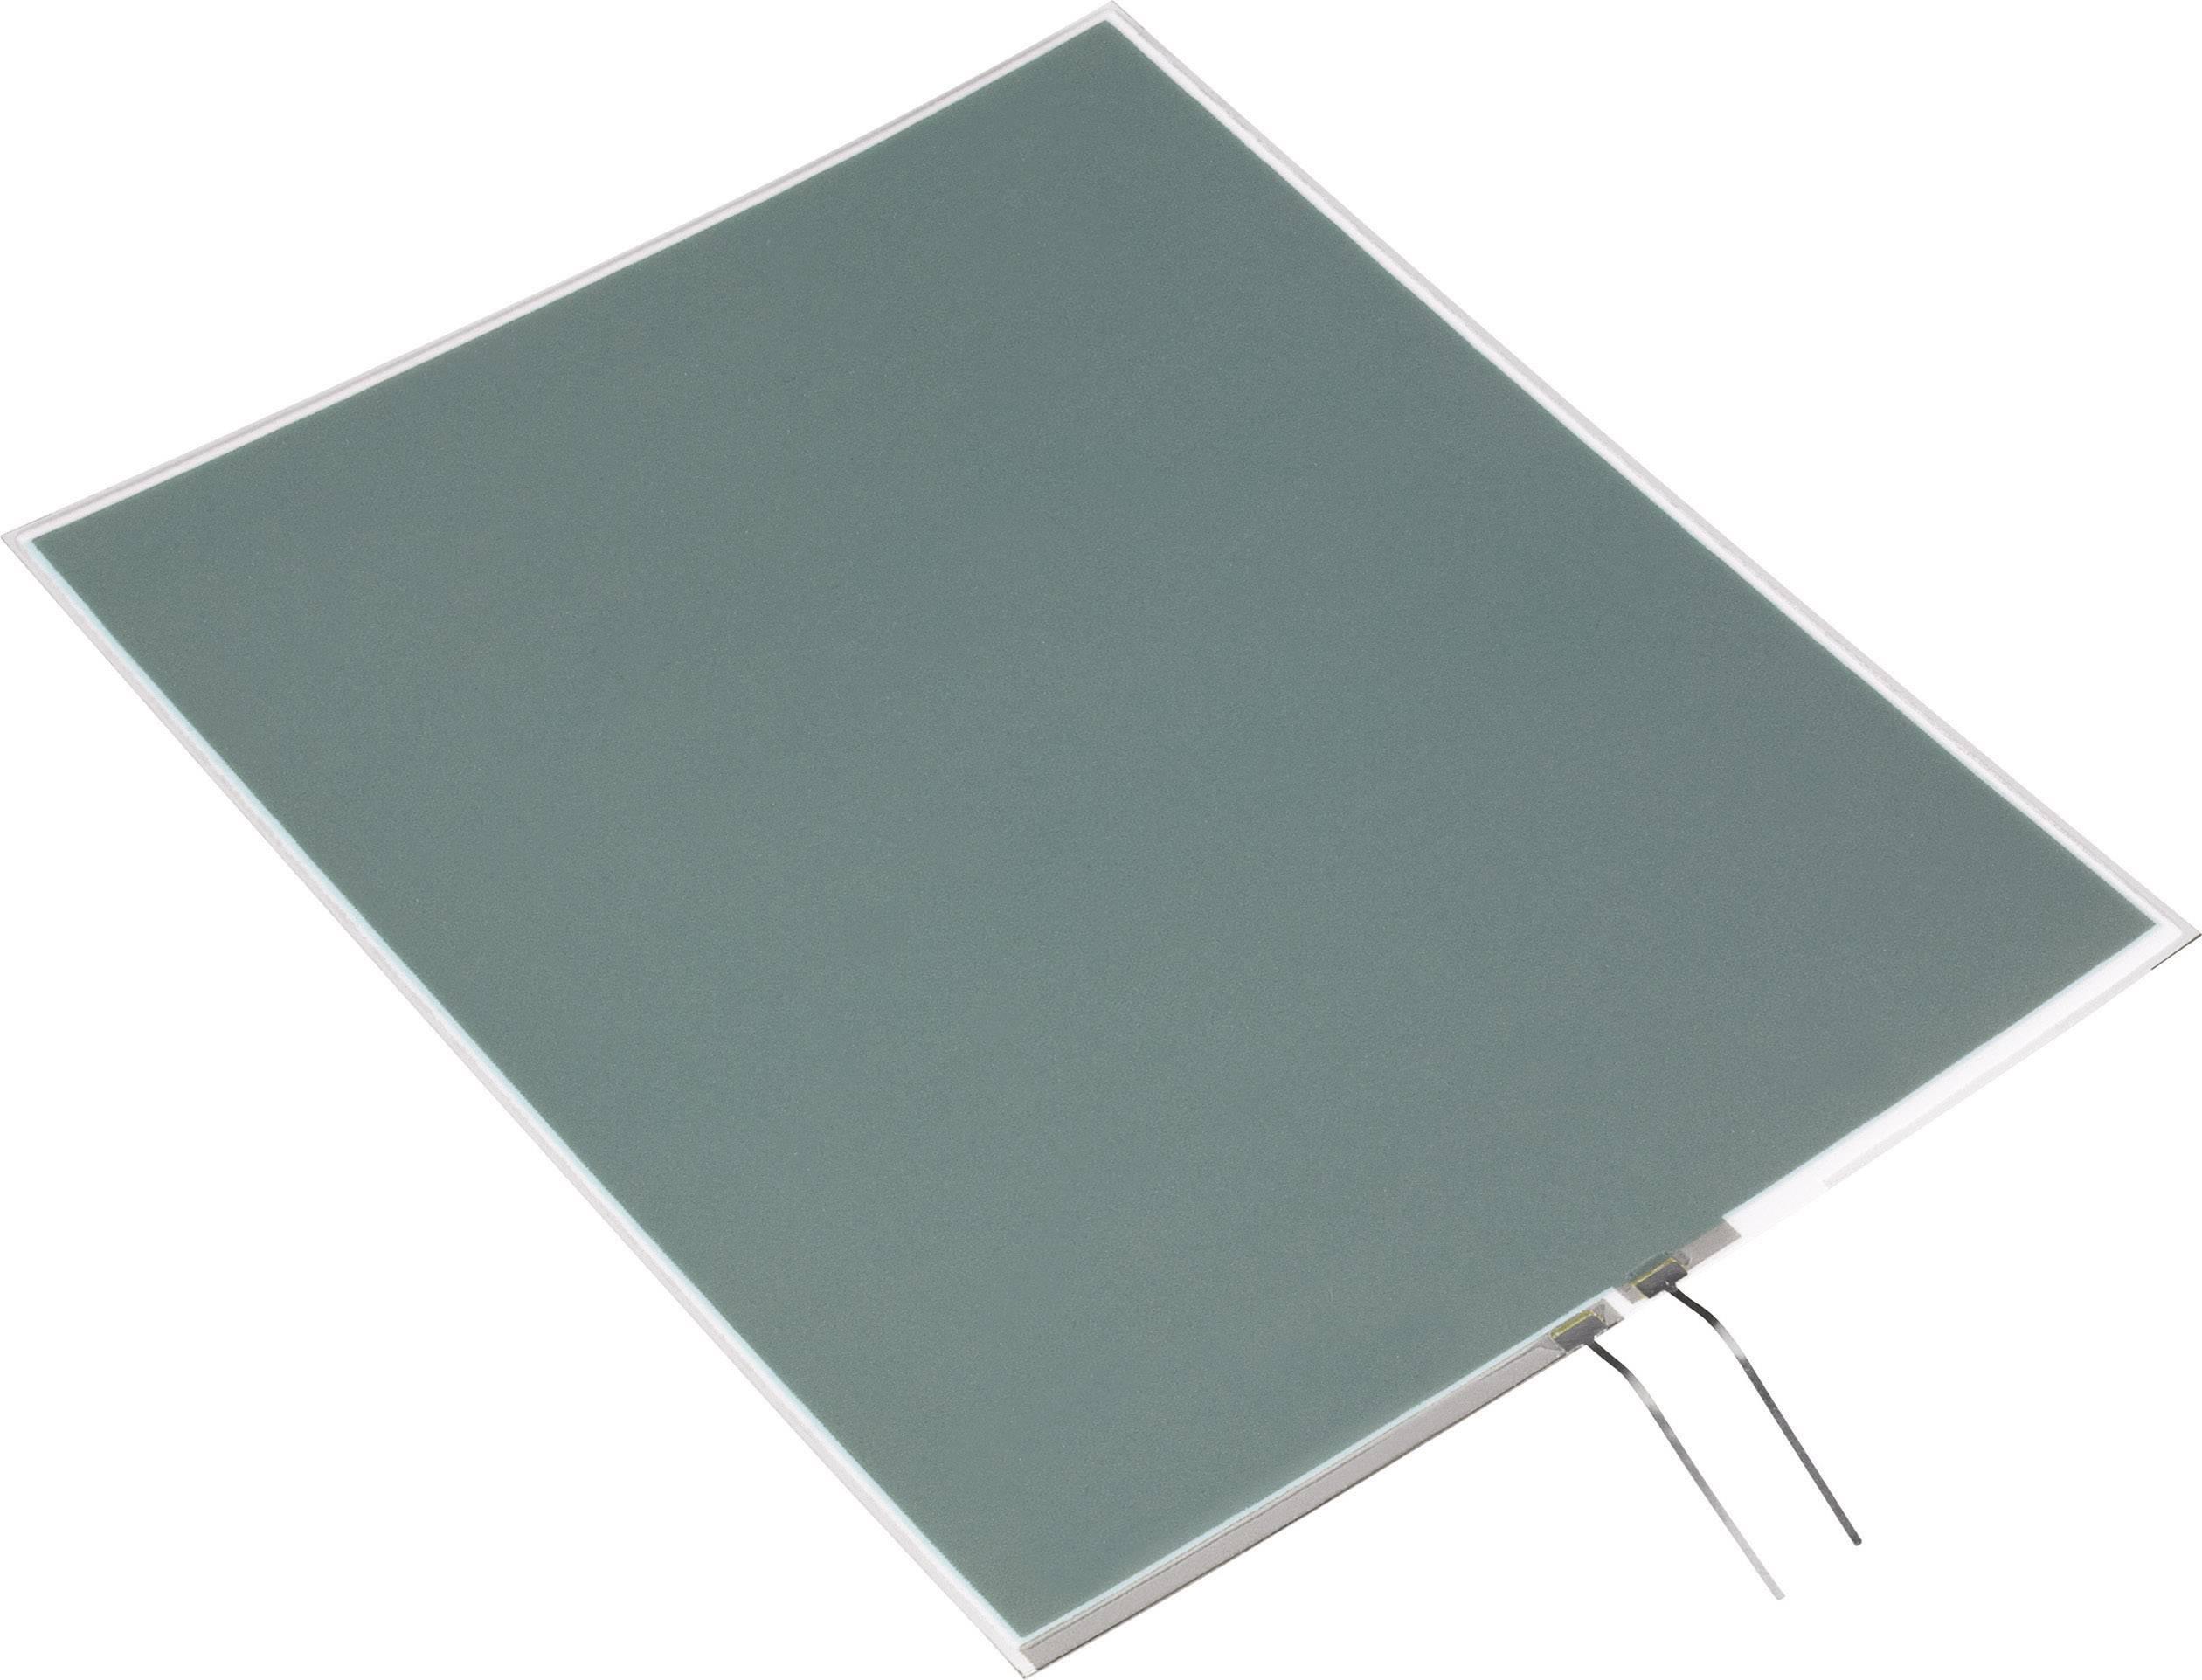 Svetelná fólia Conrad Components biela, (d x š x v) 112 x 87 x 0.5 mm